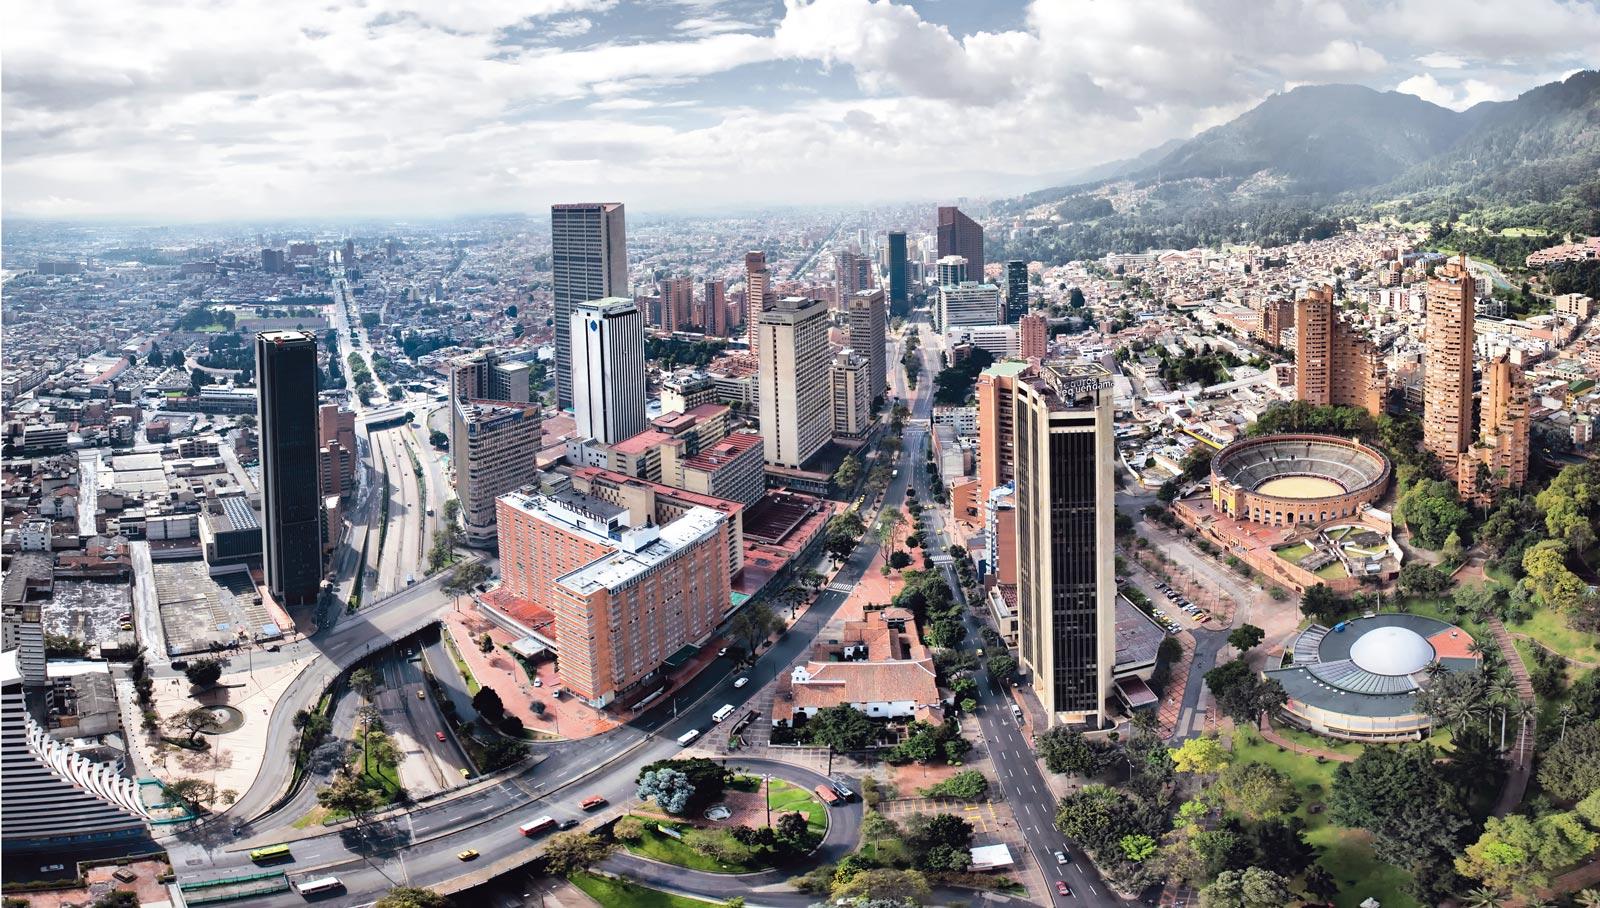 Картинки по запросу Богота, Колумбия